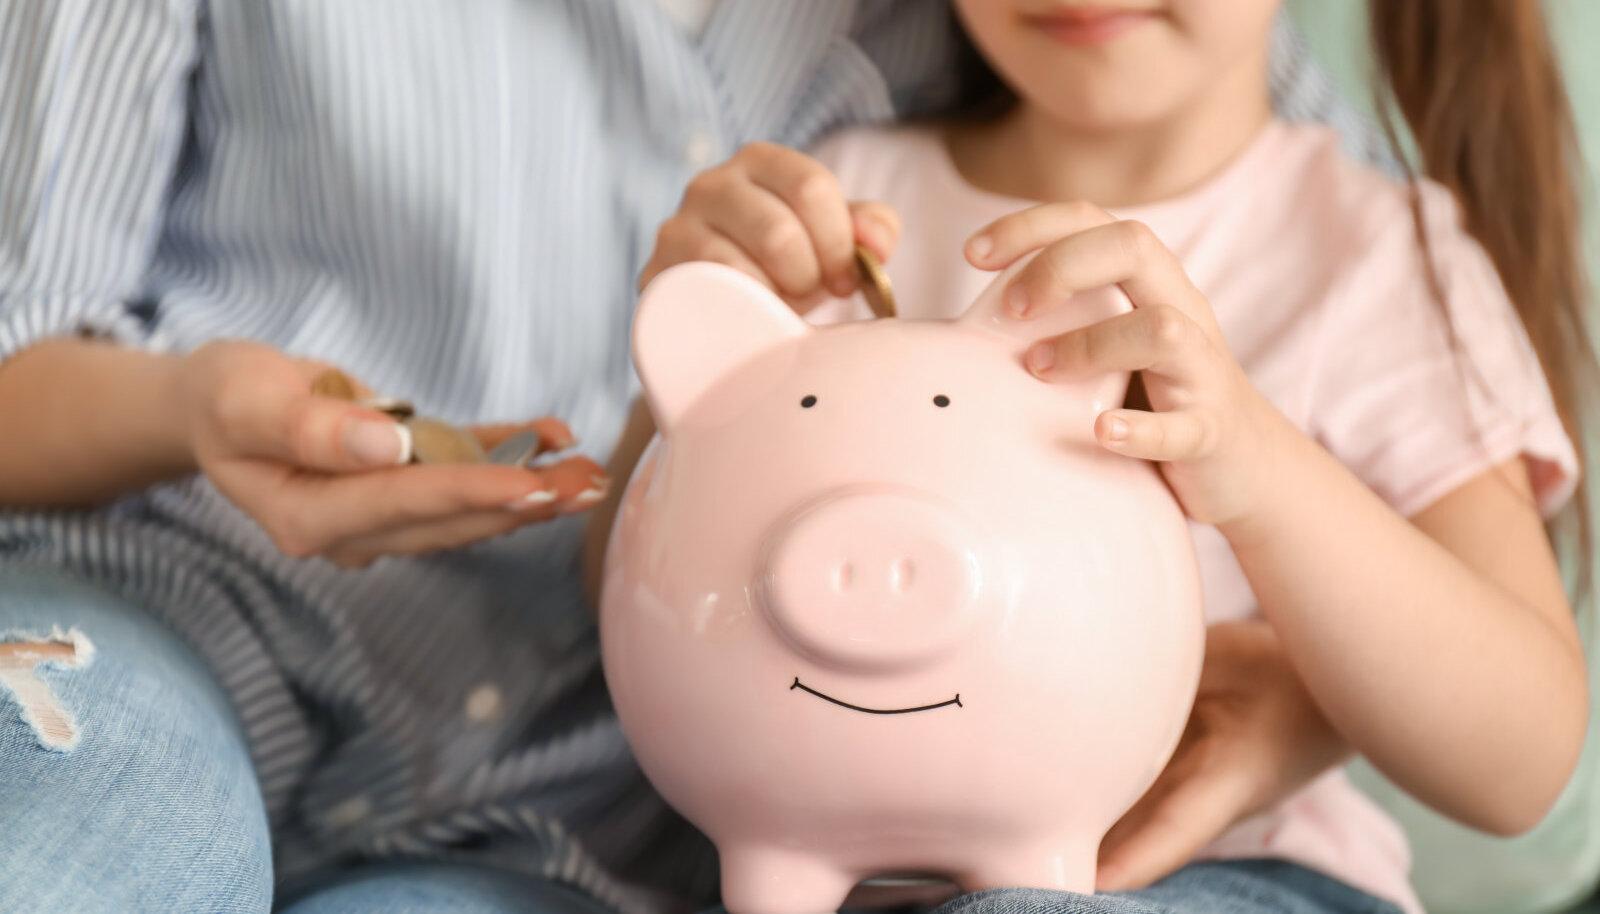 Rahaasjadest lapsele